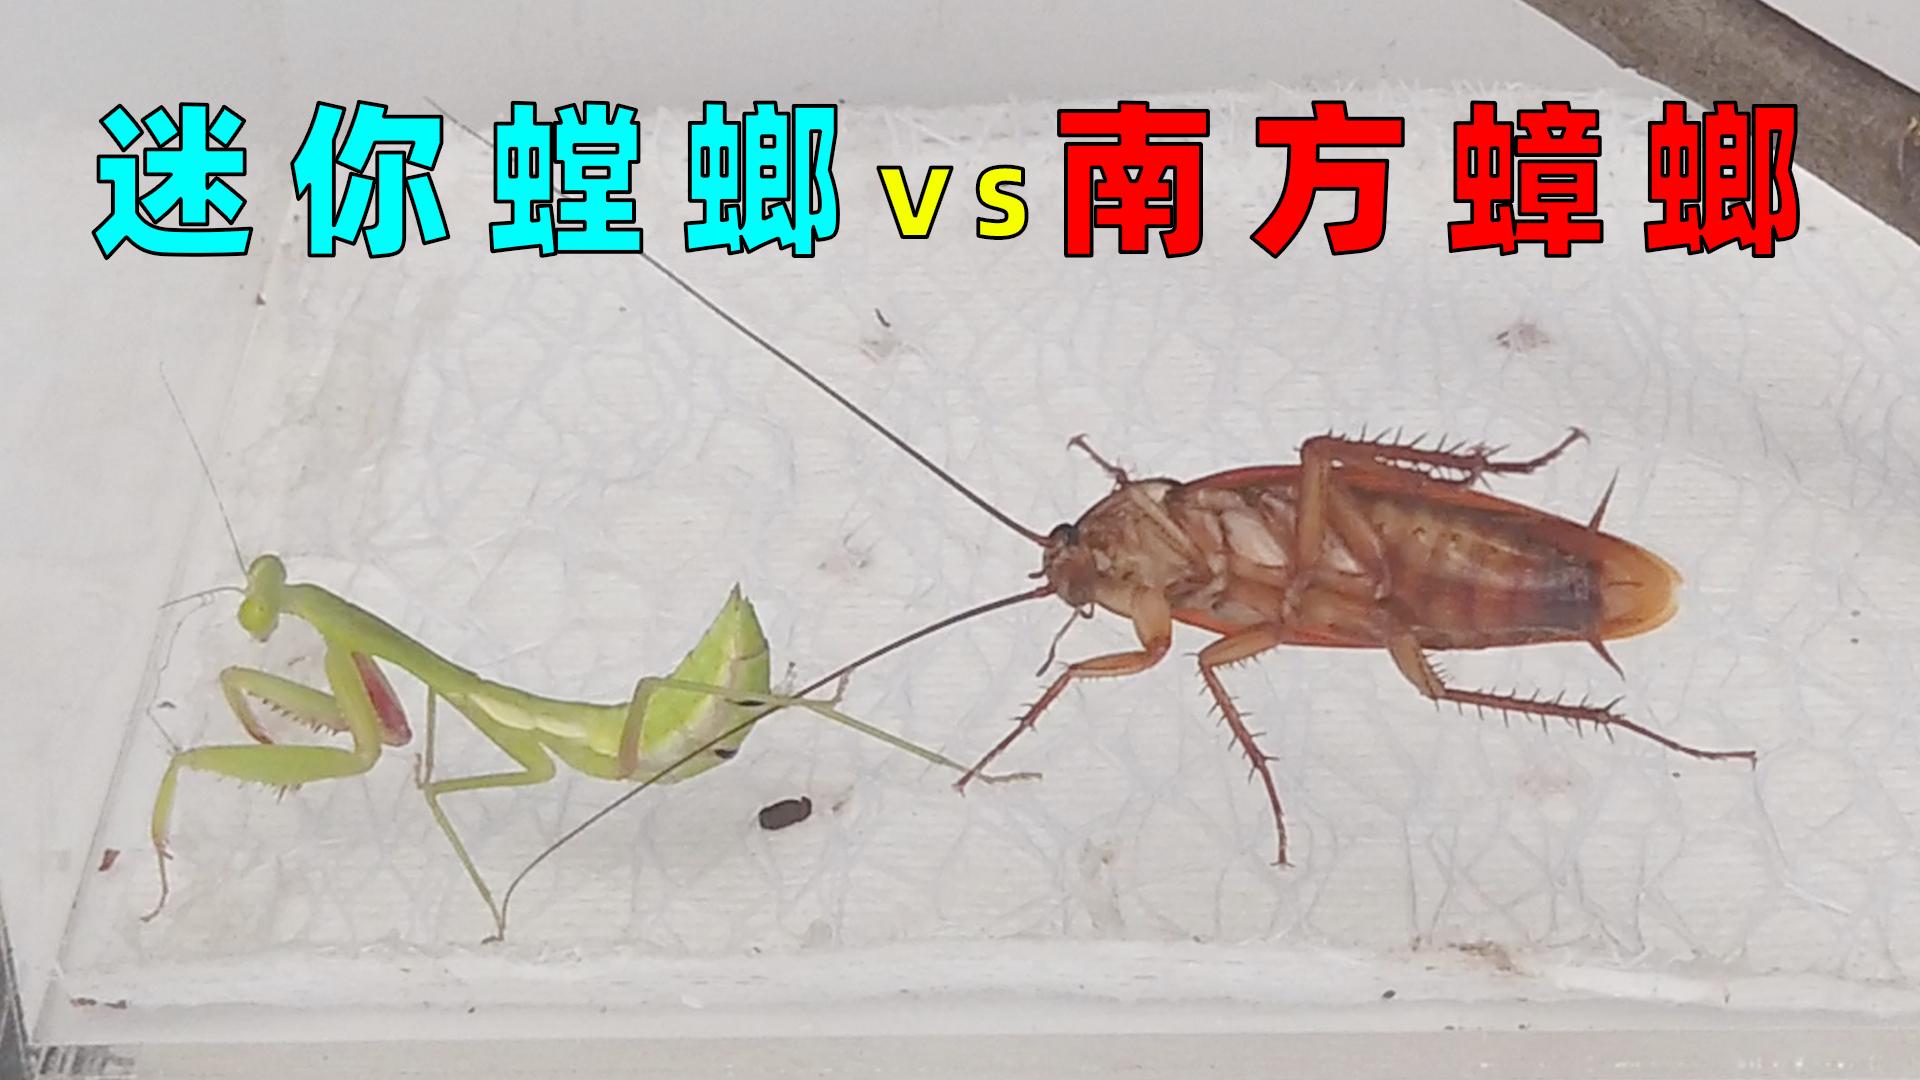 迷你小螳螂VS南方大蟑螂,这反应太真实了!